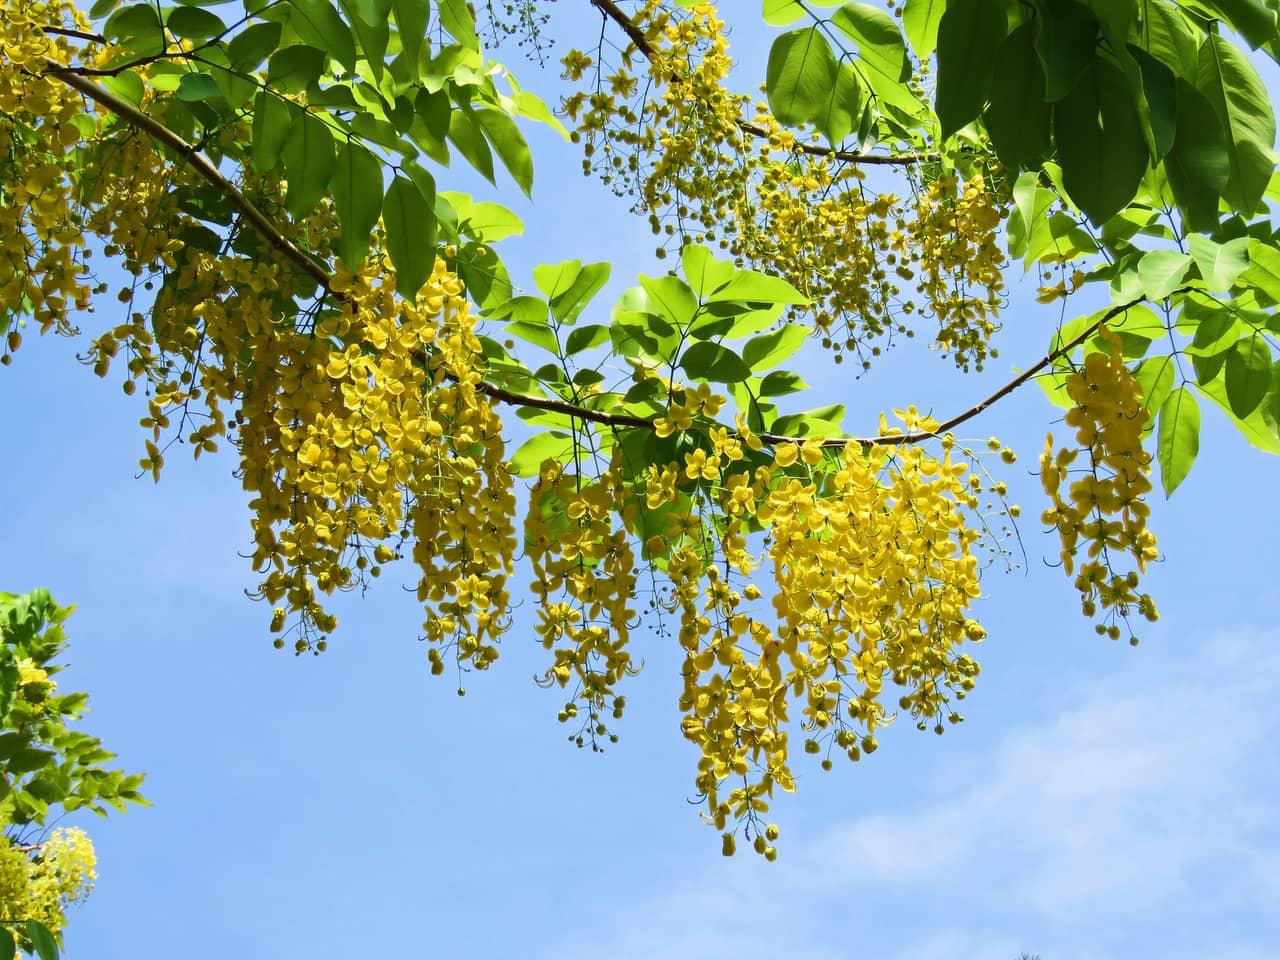 Ý nghĩa hoa bọ cạp vàng rực cả góc trời